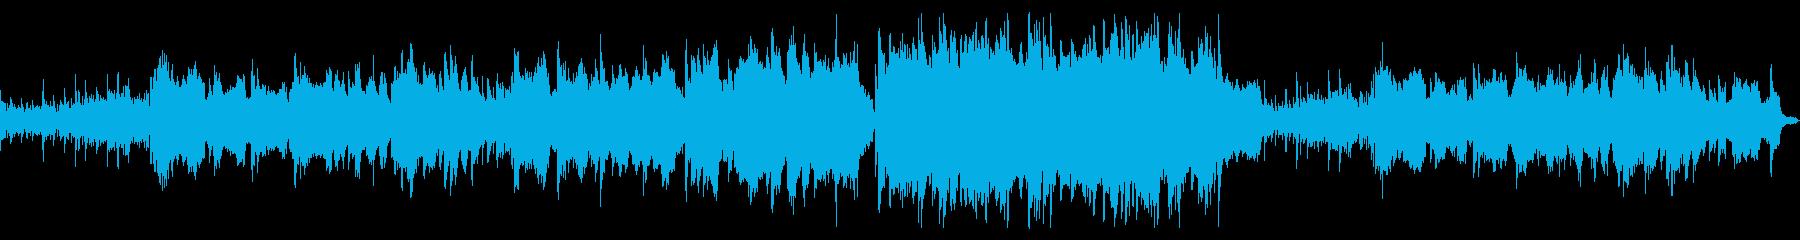 【ループ版】バイオリン 感動的の再生済みの波形